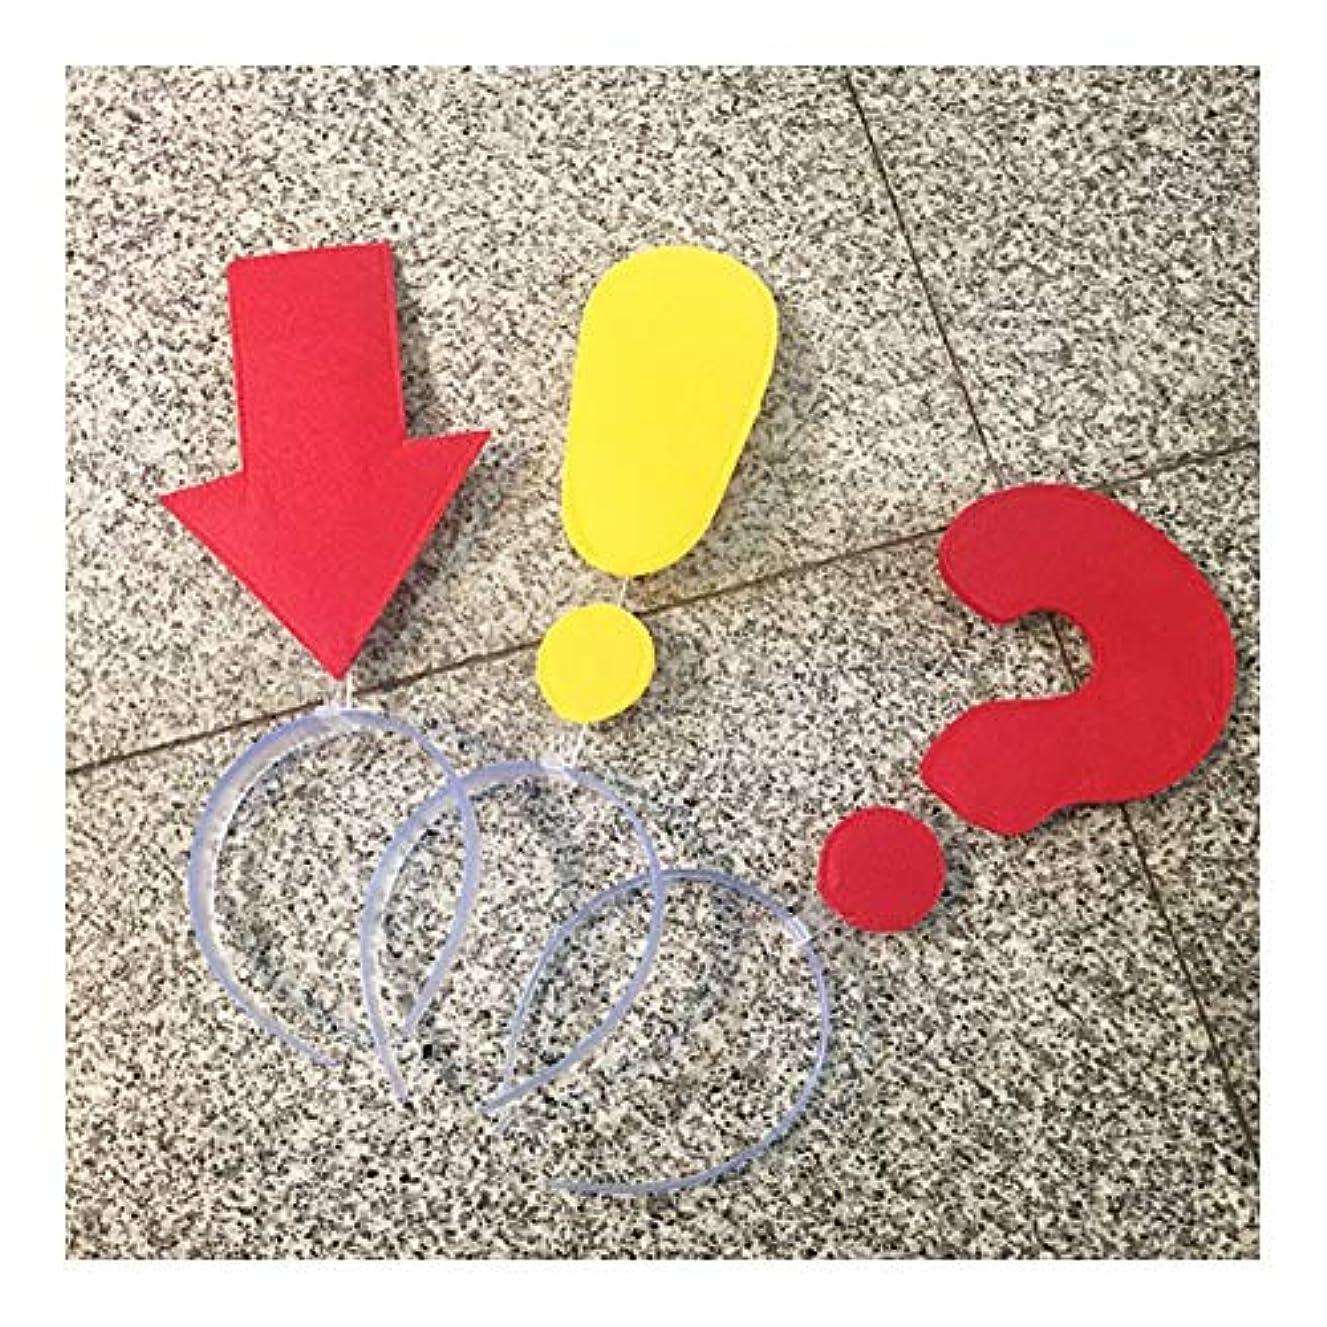 回復と闘う手数料YANTING ファニー販売かわいい疑問符記号カチューシャ楽しいパーティーの小道具ヘアピンパーソナリティヘッドバンドクリエイティブヘアピン男性と女性 (Color : Red, スタイル : Arrow)